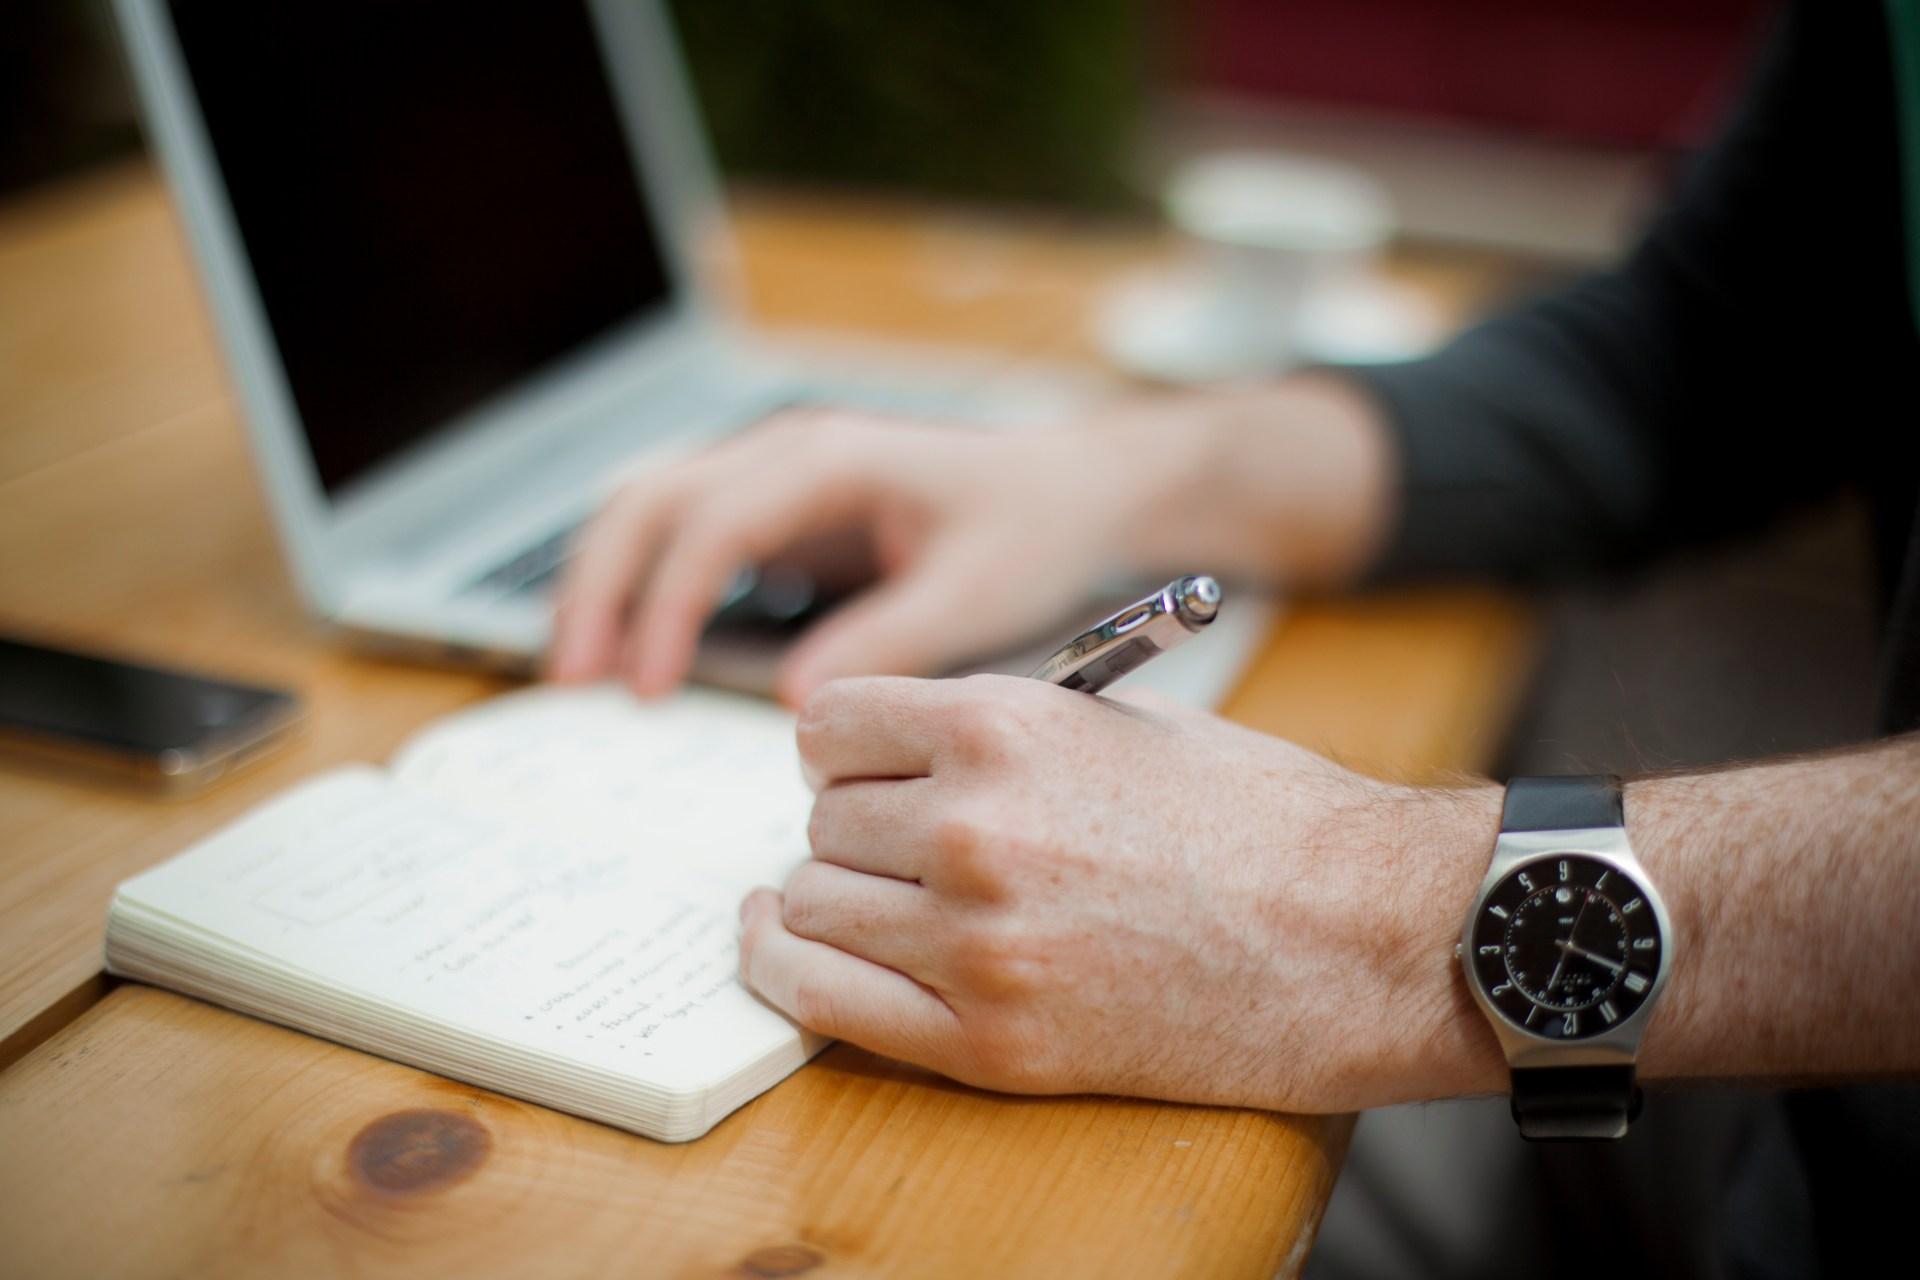 Kaip parašyti bakalauro darbą?